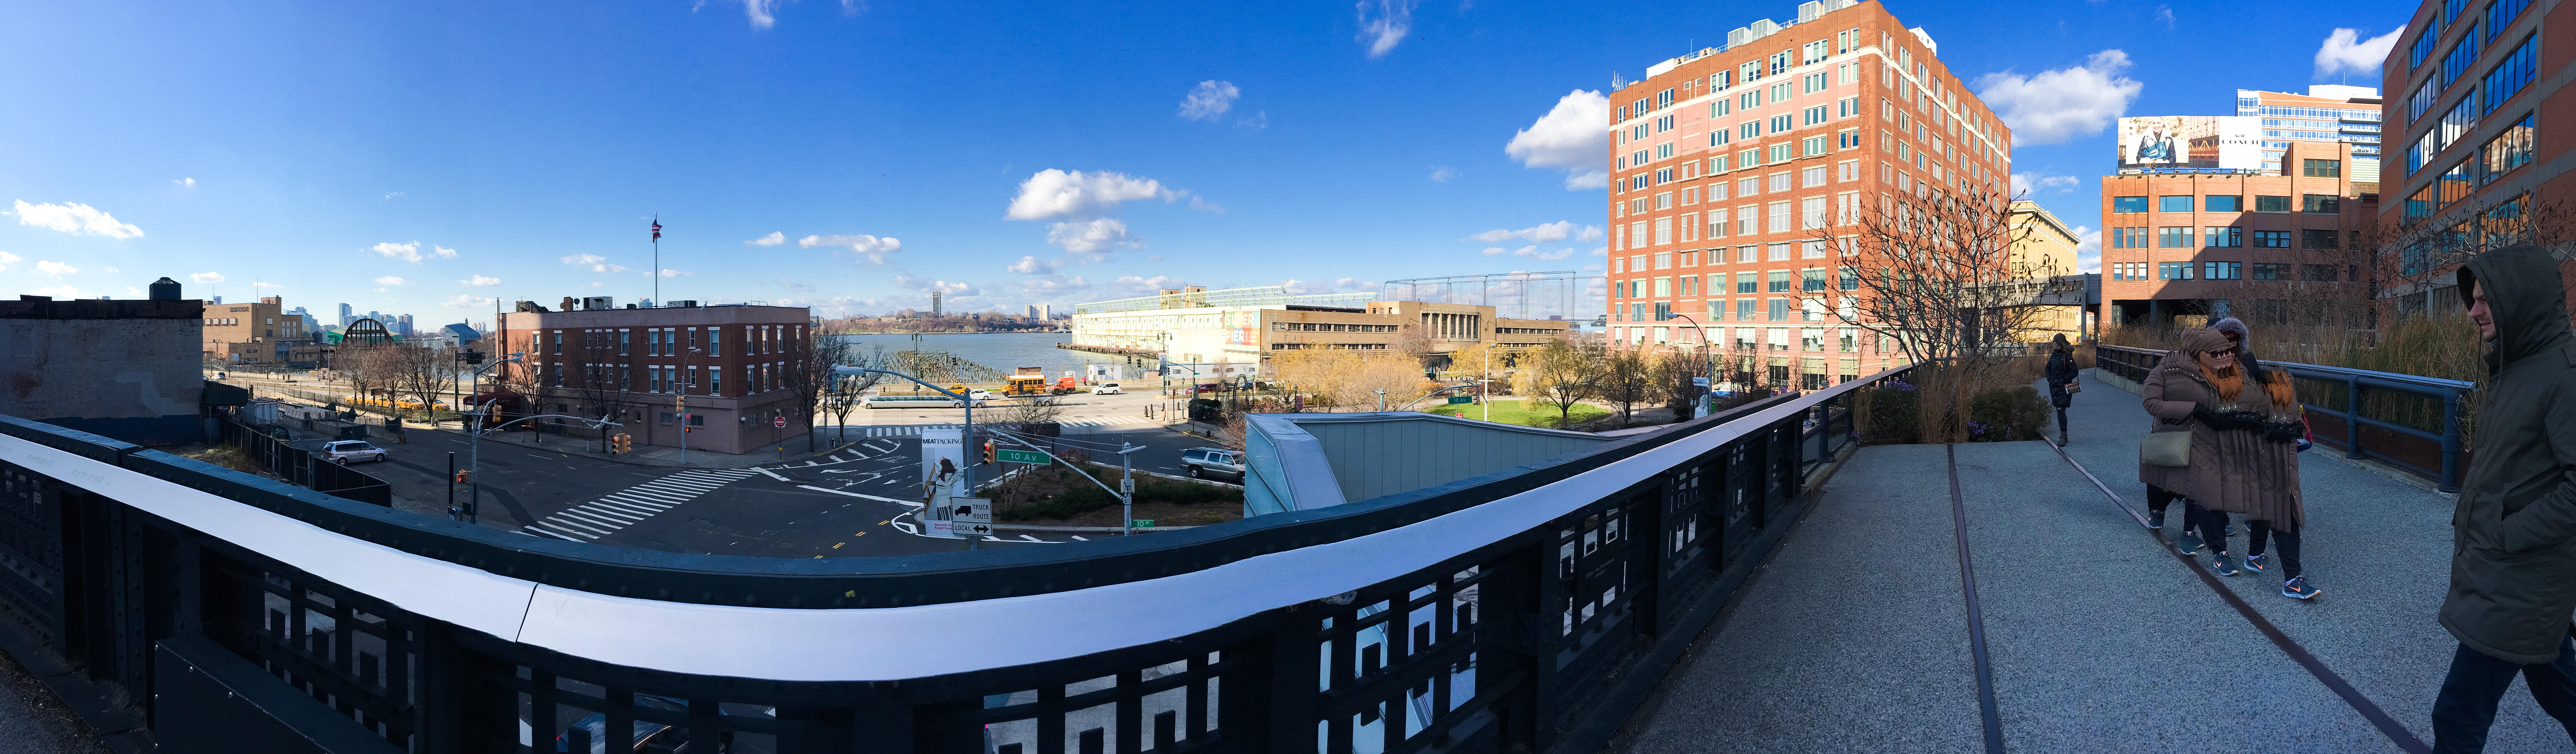 Chelsea Market Highline 2